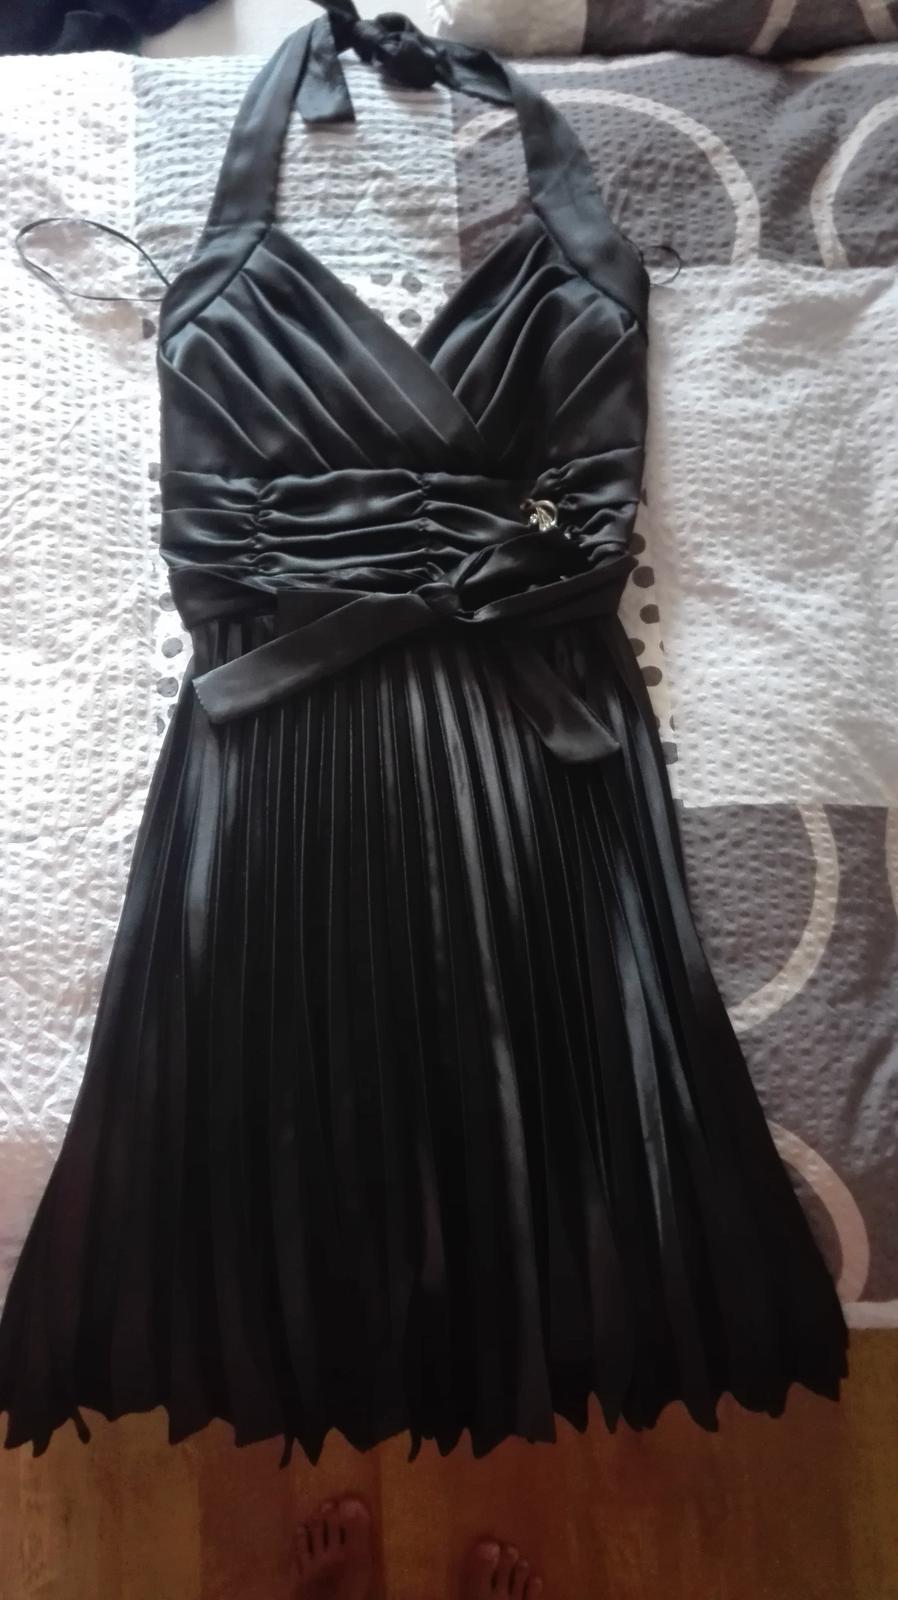 Černé plesové šaty 36/38 - Obrázek č. 1